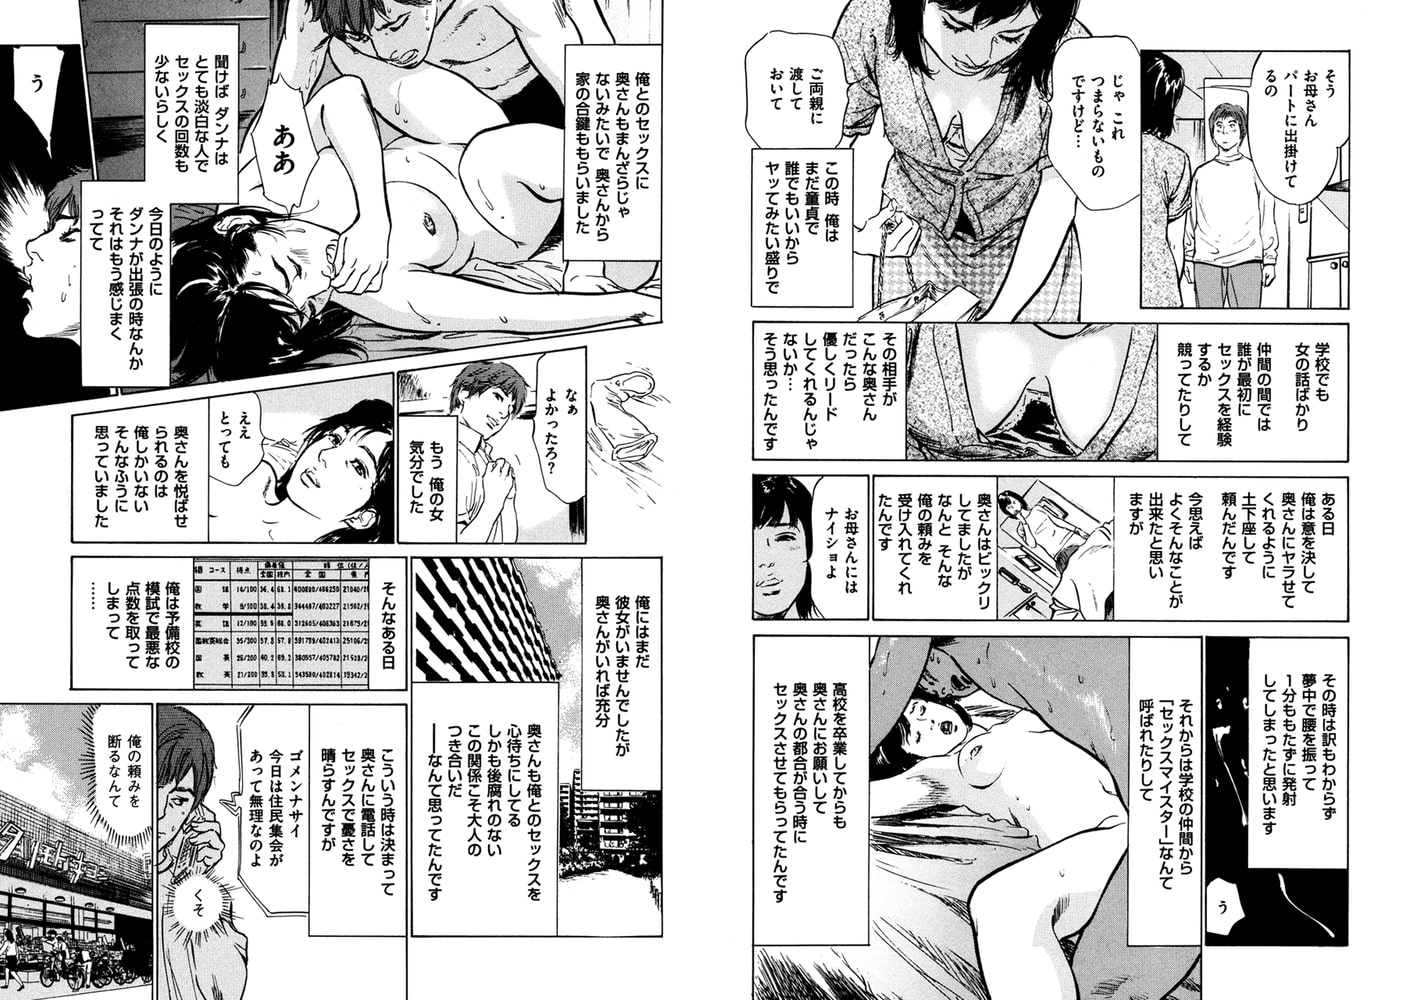 八月薫全集 第11巻 どうしても、どうしても